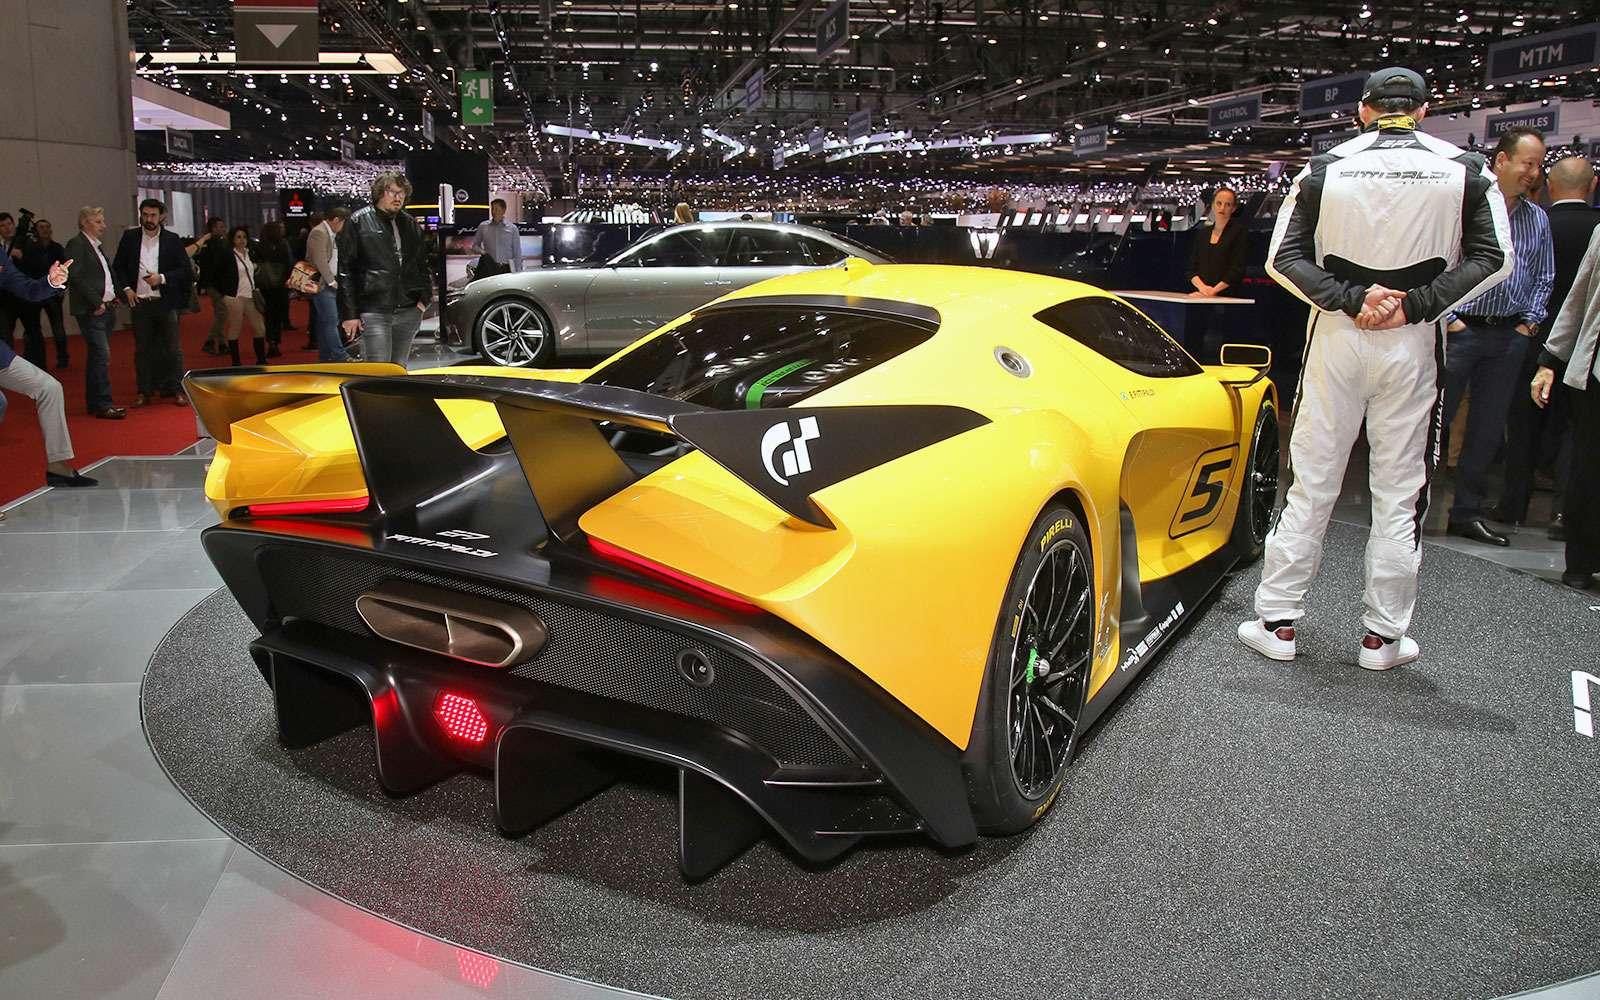 Fittipaldi EF7 Vision Gran Turismo Concept отPininfarina